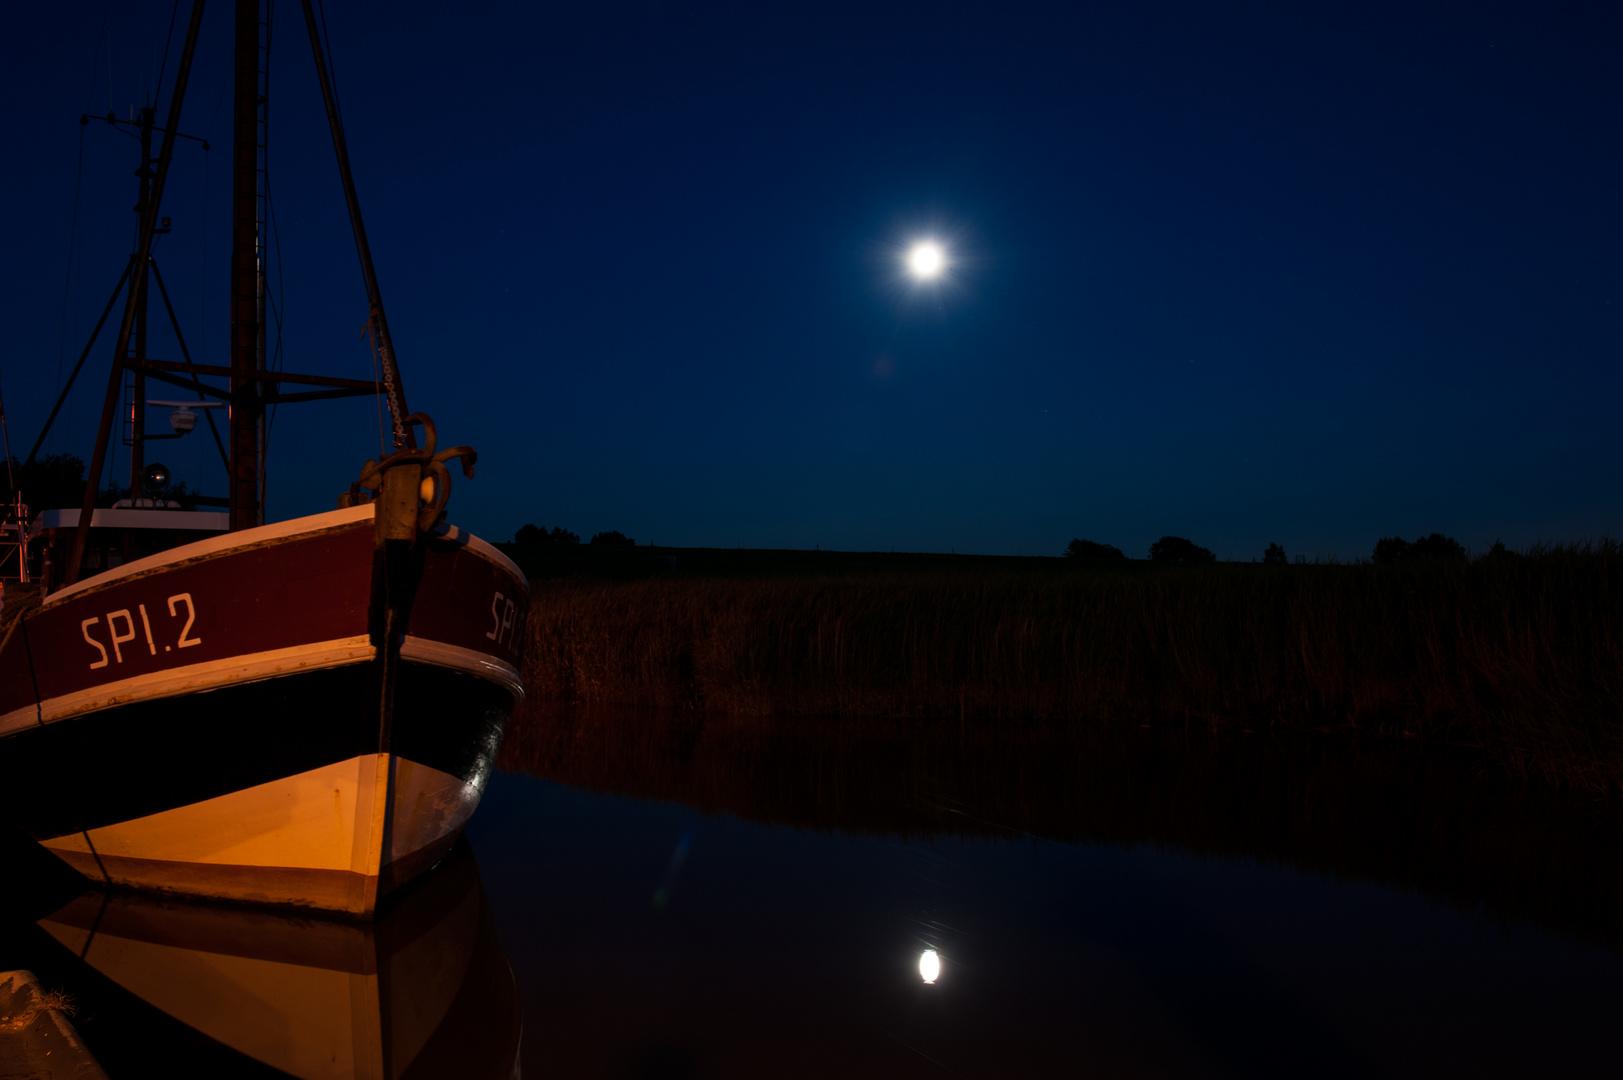 Lauer Abend and der Nordsee